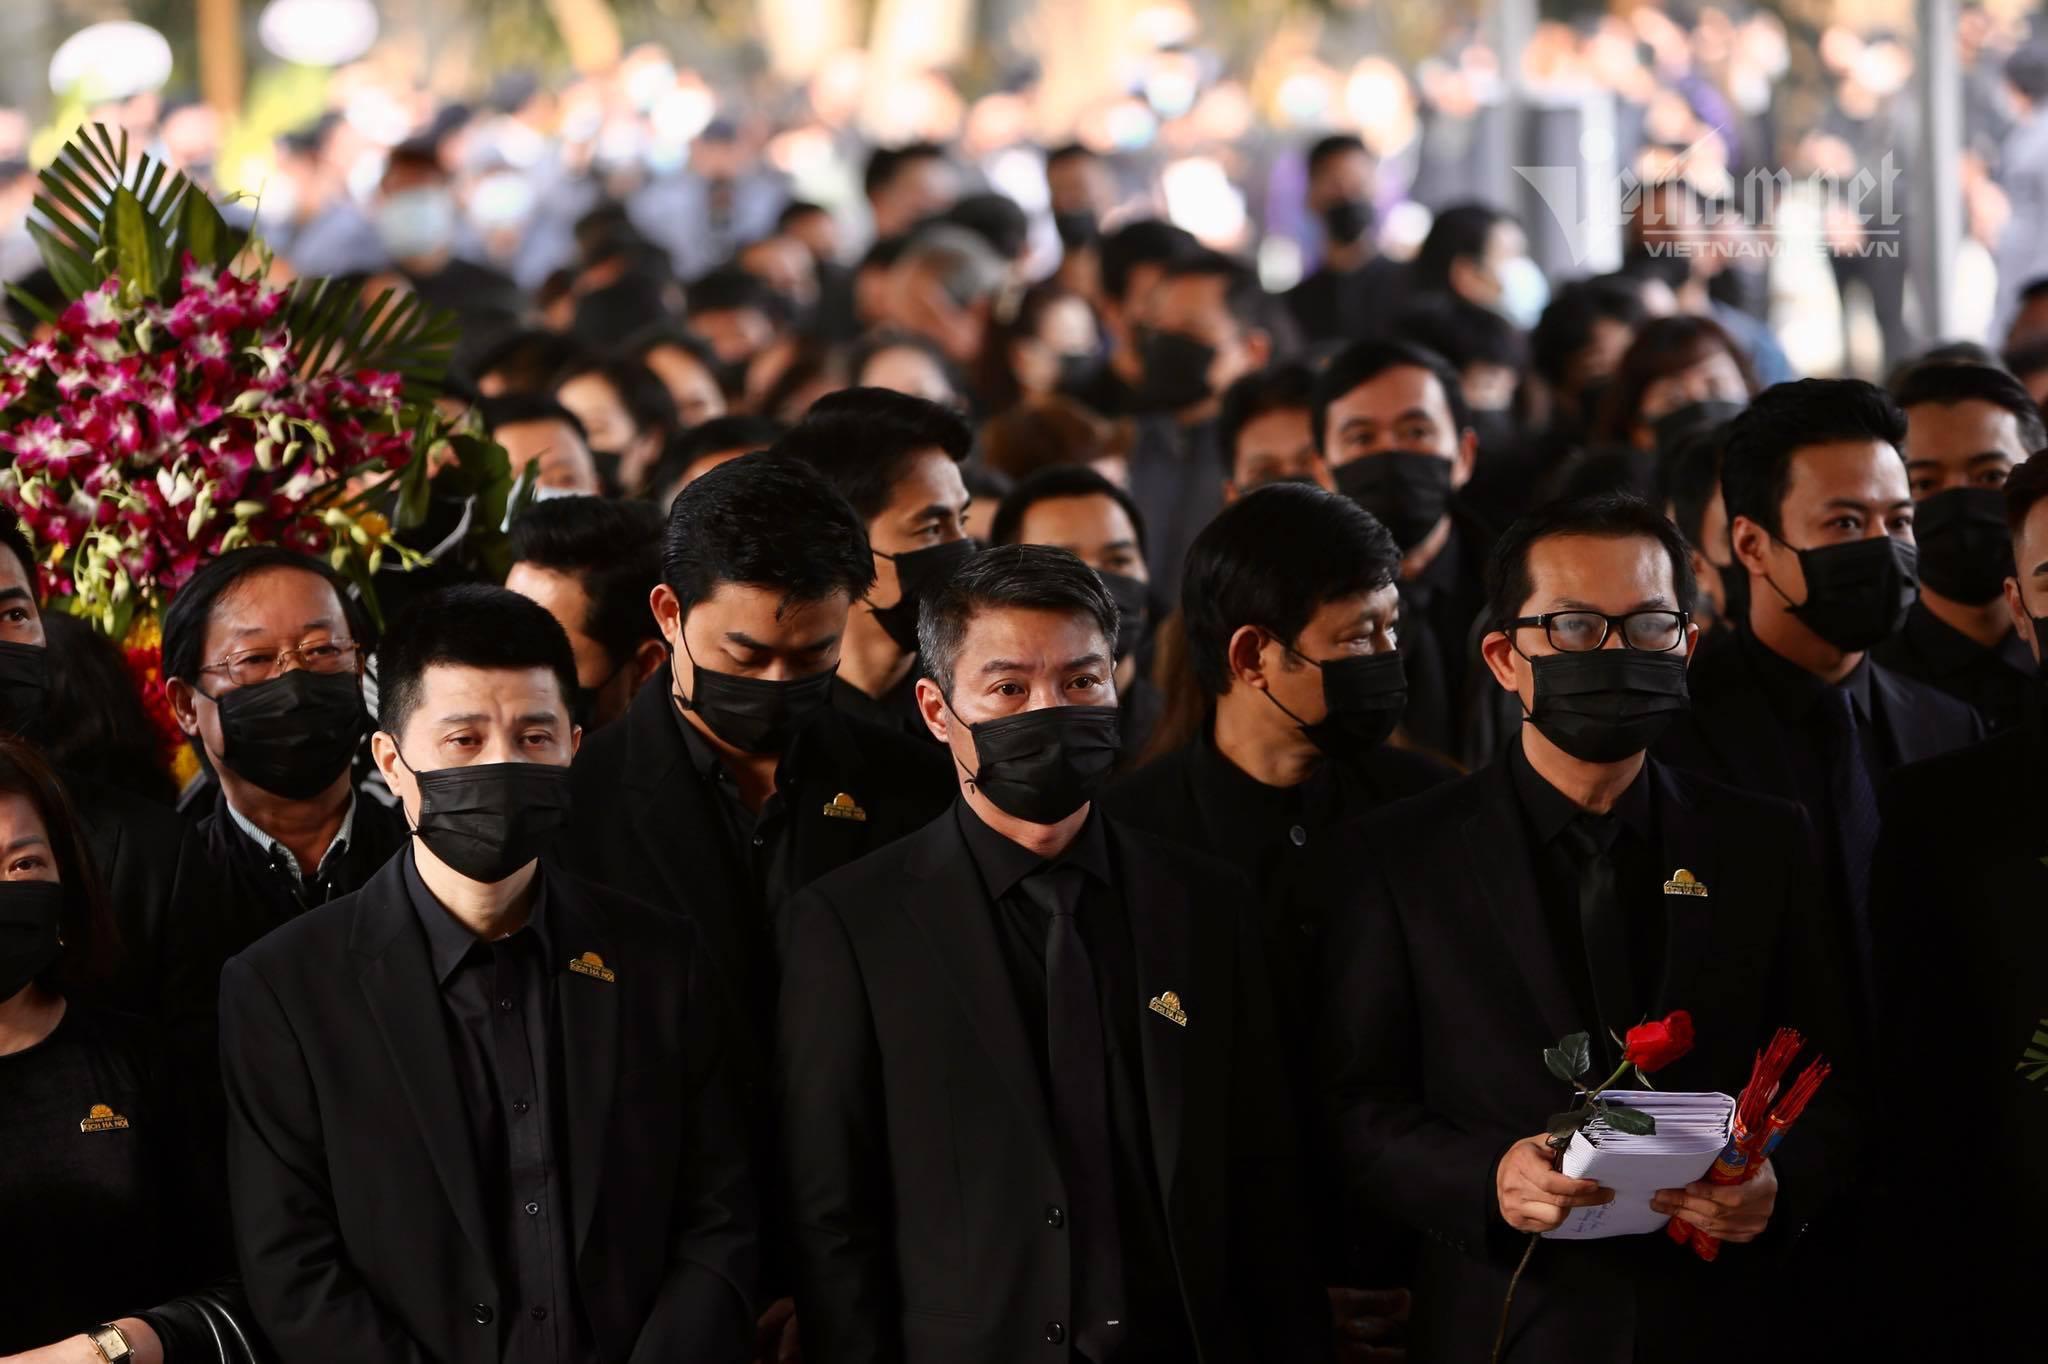 NSND Lan Hương, Xuân Bắc đau xót nói lời tiễn biệt NSND Hoàng Dũng